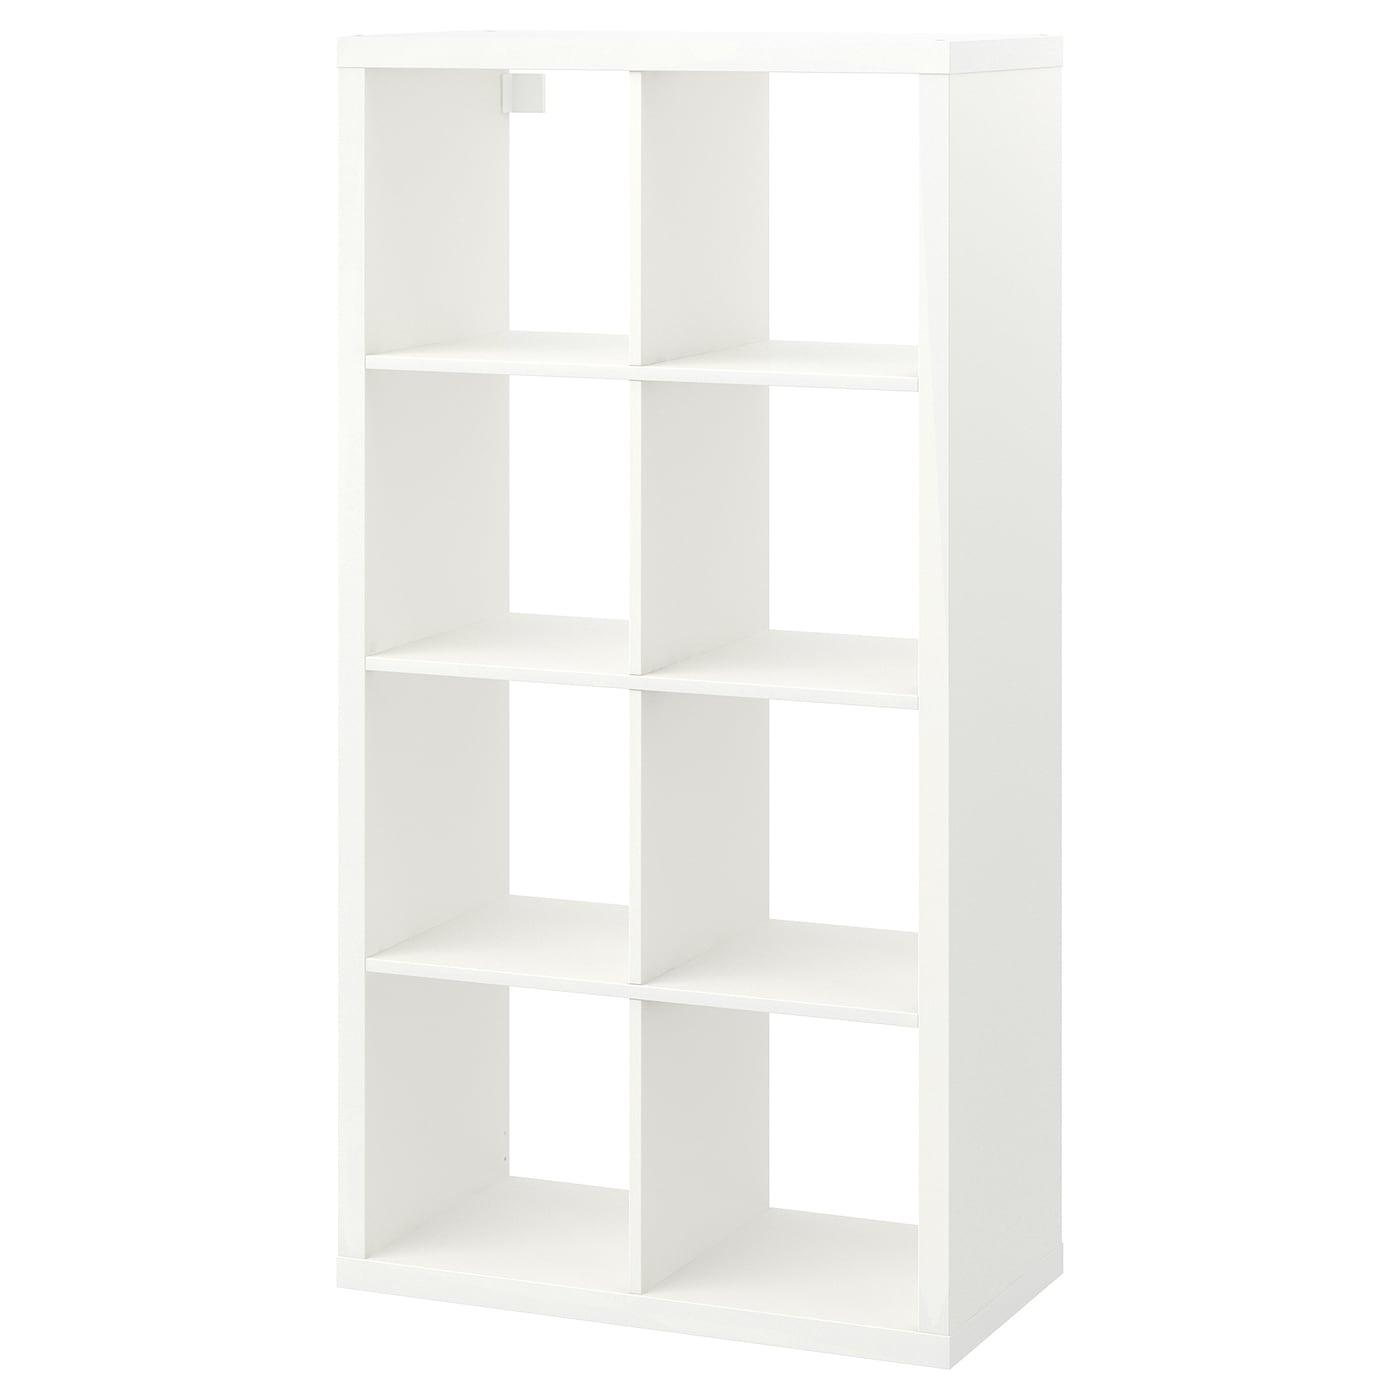 KALLAX Shelving unit white 77x147 cm